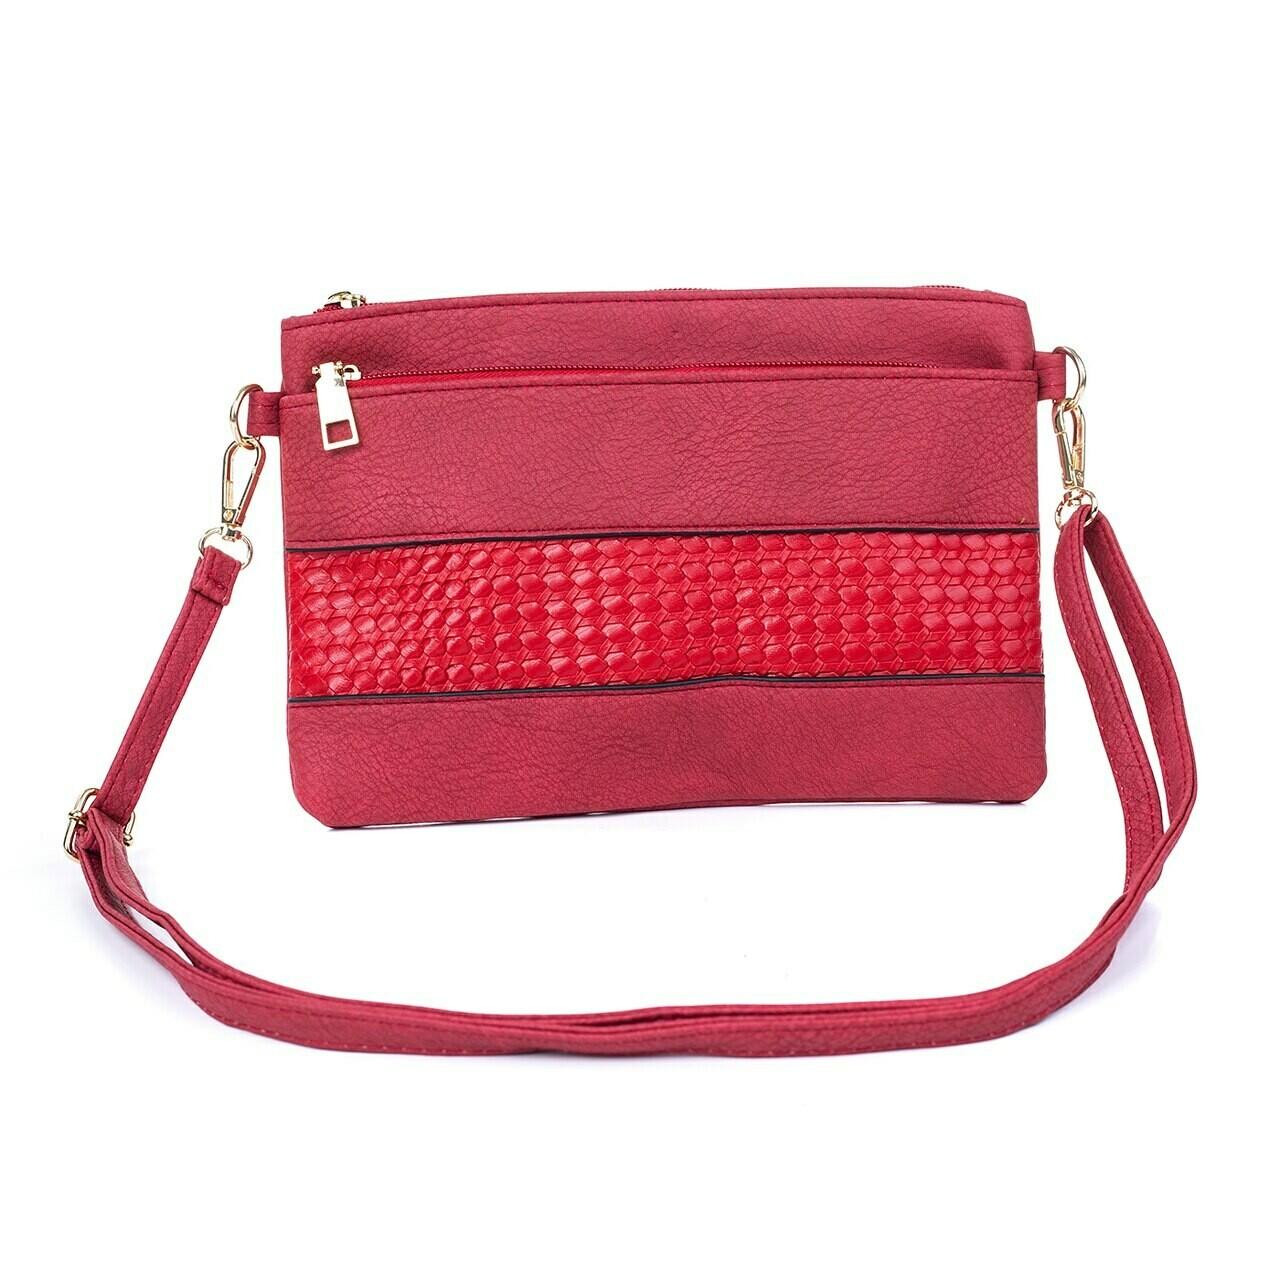 Red Clutch/Shoulder Bag